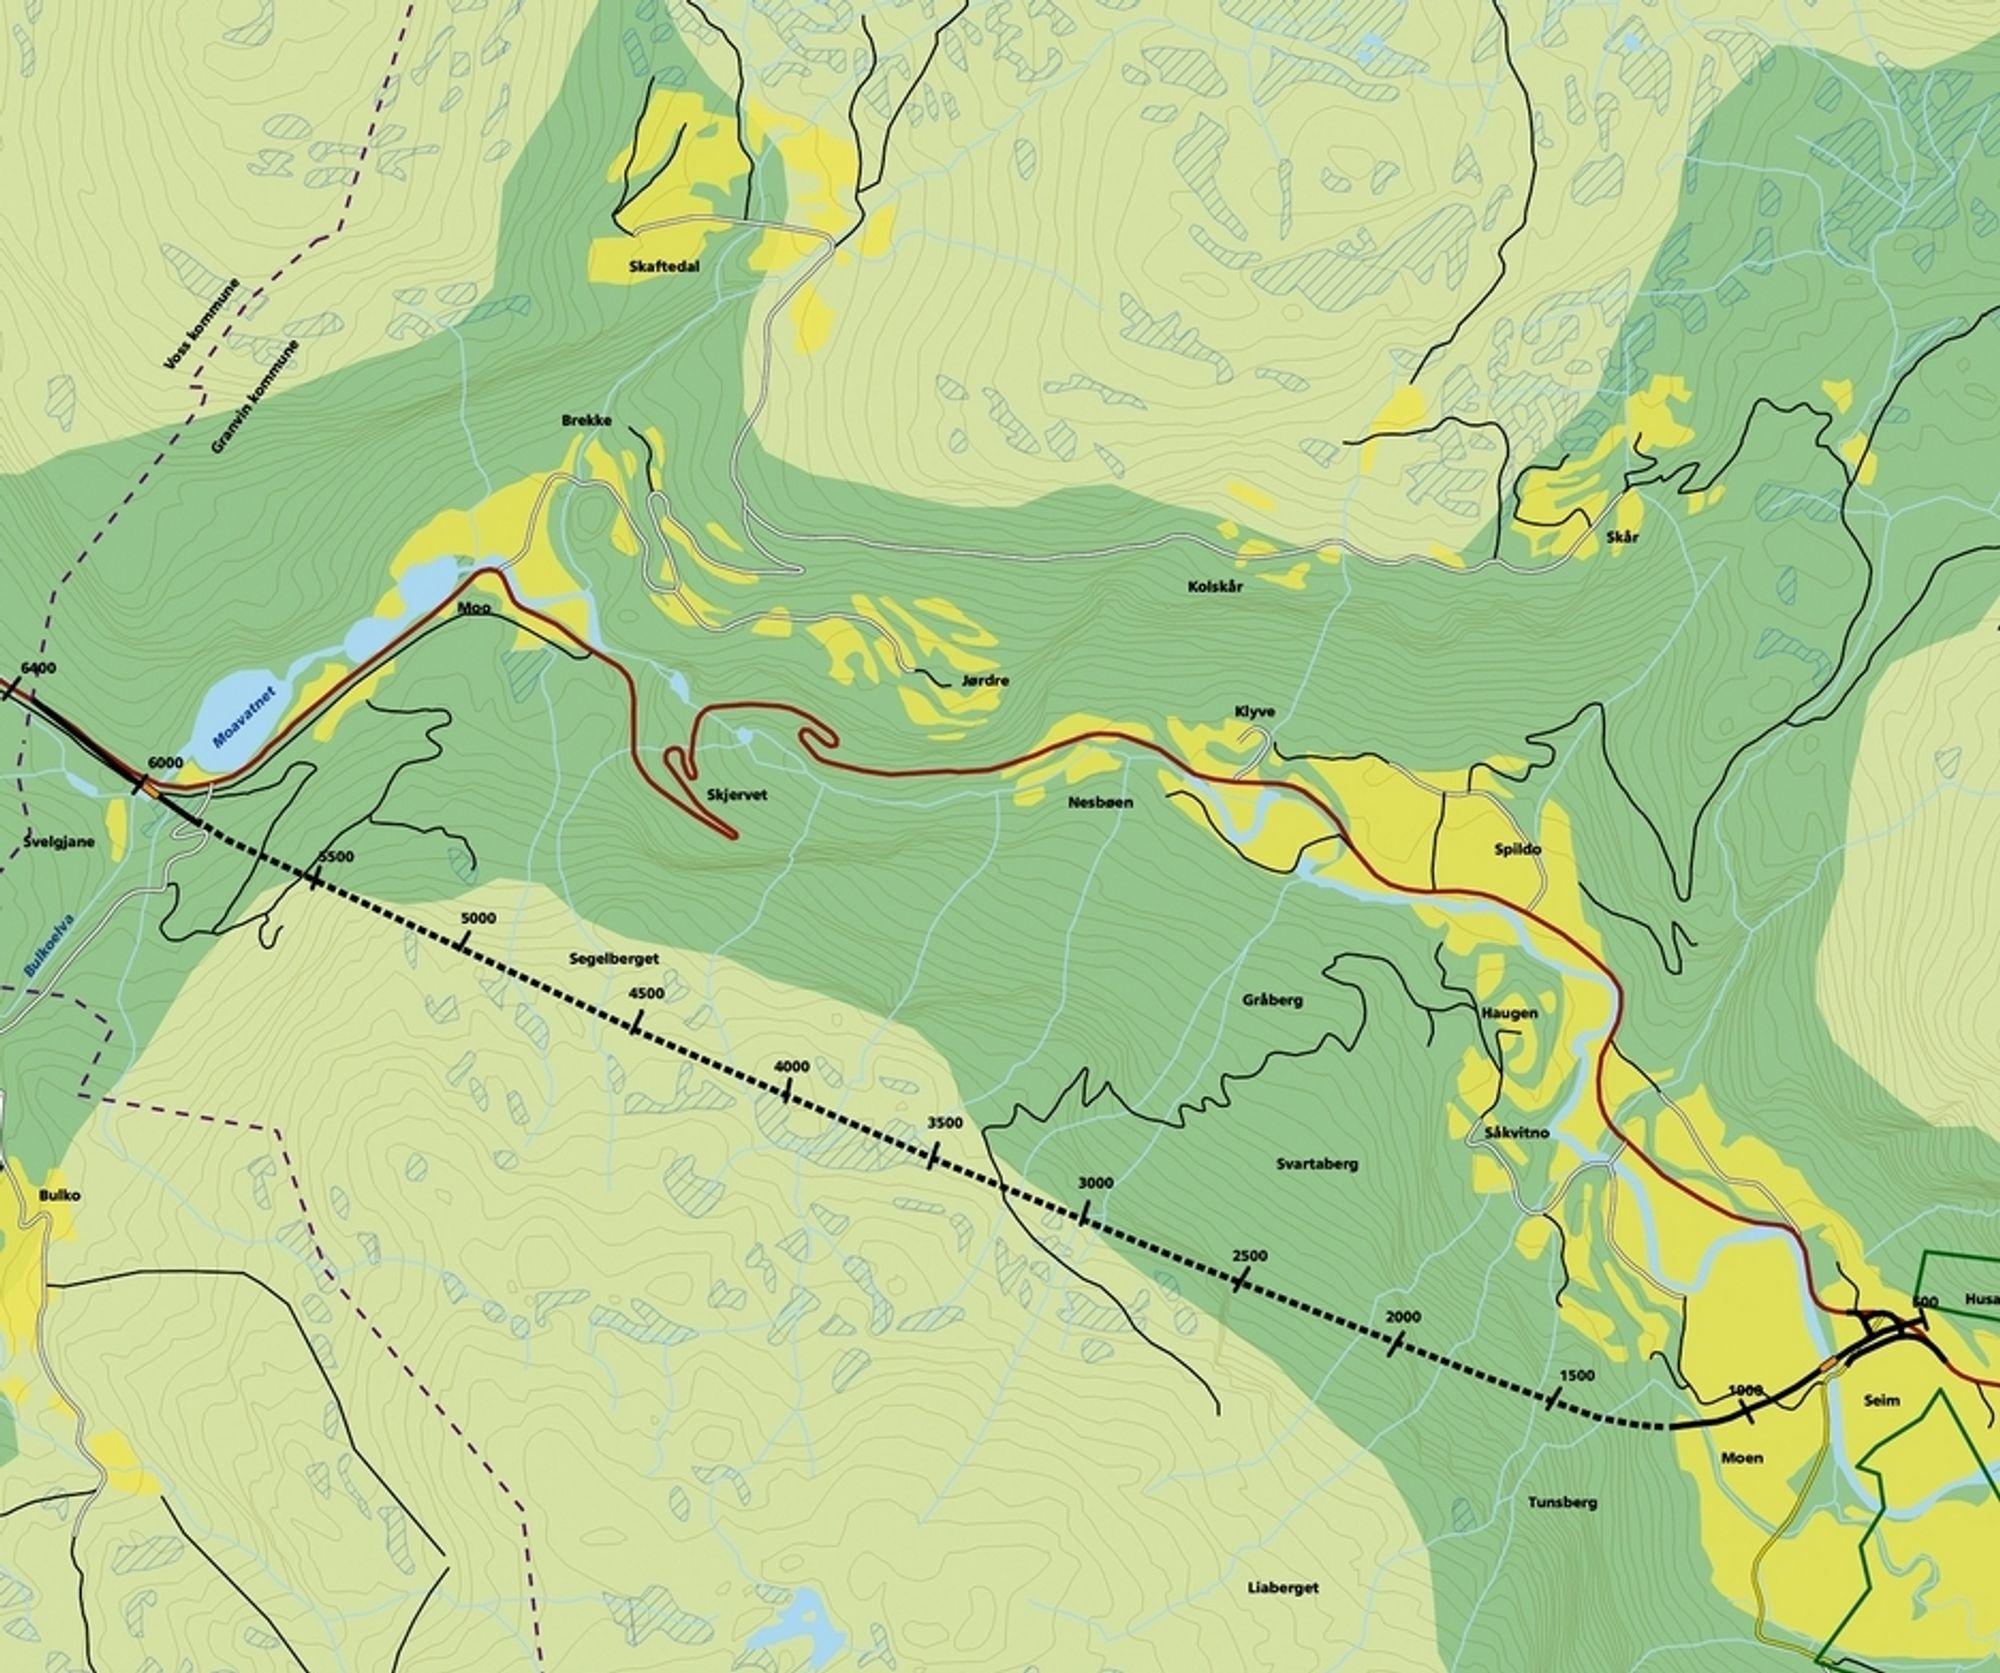 Alt tyder på at Veidekke skal drive den 4 km lange tunnelen som fjerner hårnålsvingene langs Skjervet fra riksvegnettet.